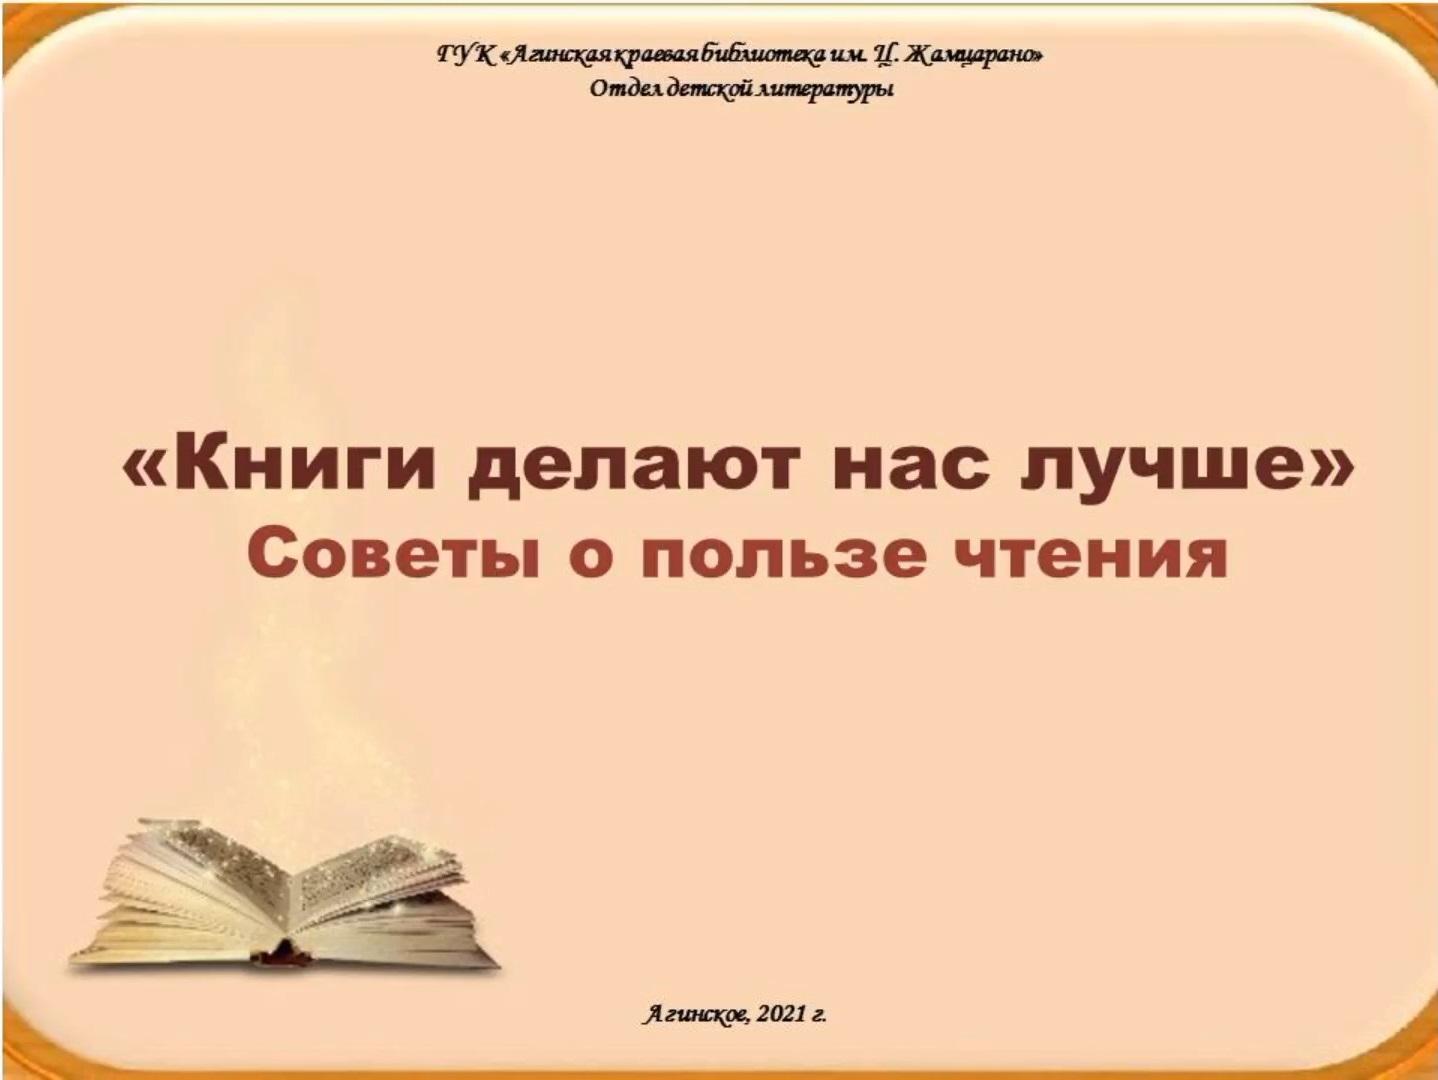 Книги делают нас лучше